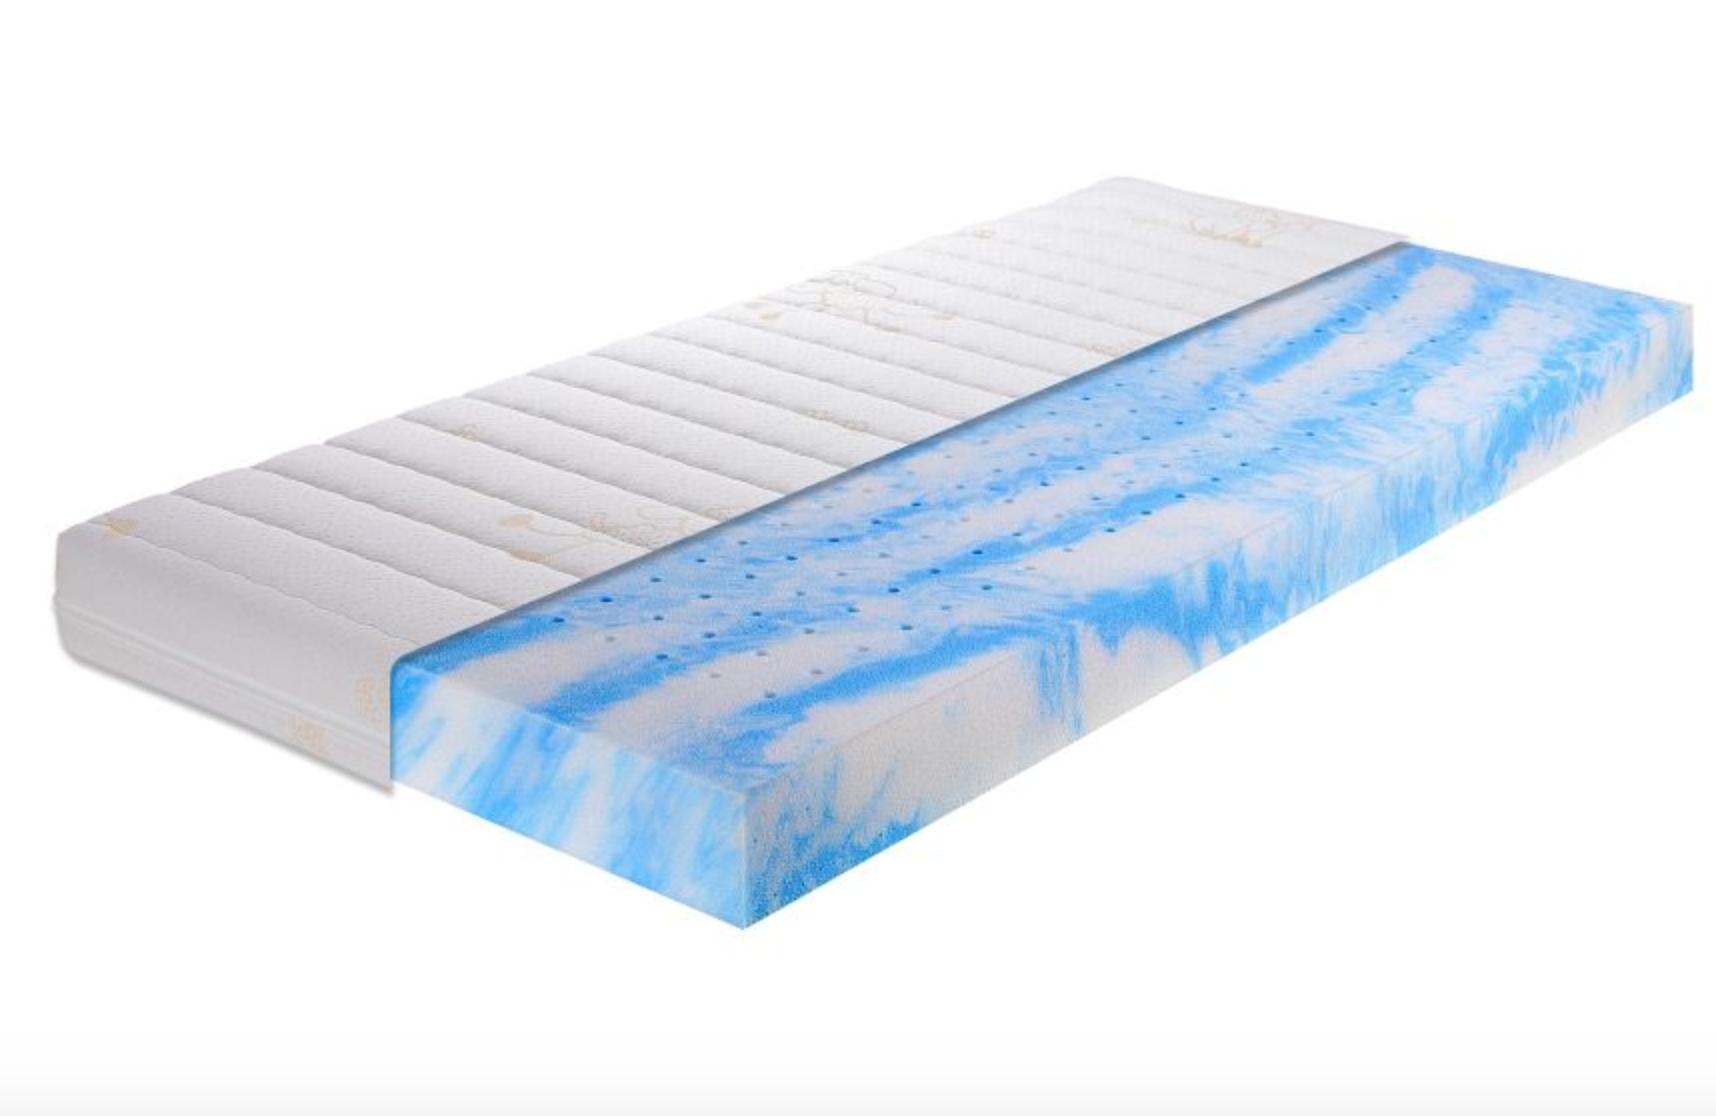 Milieuvriendelijke matrassen gemaakt van natuurlijke materialen